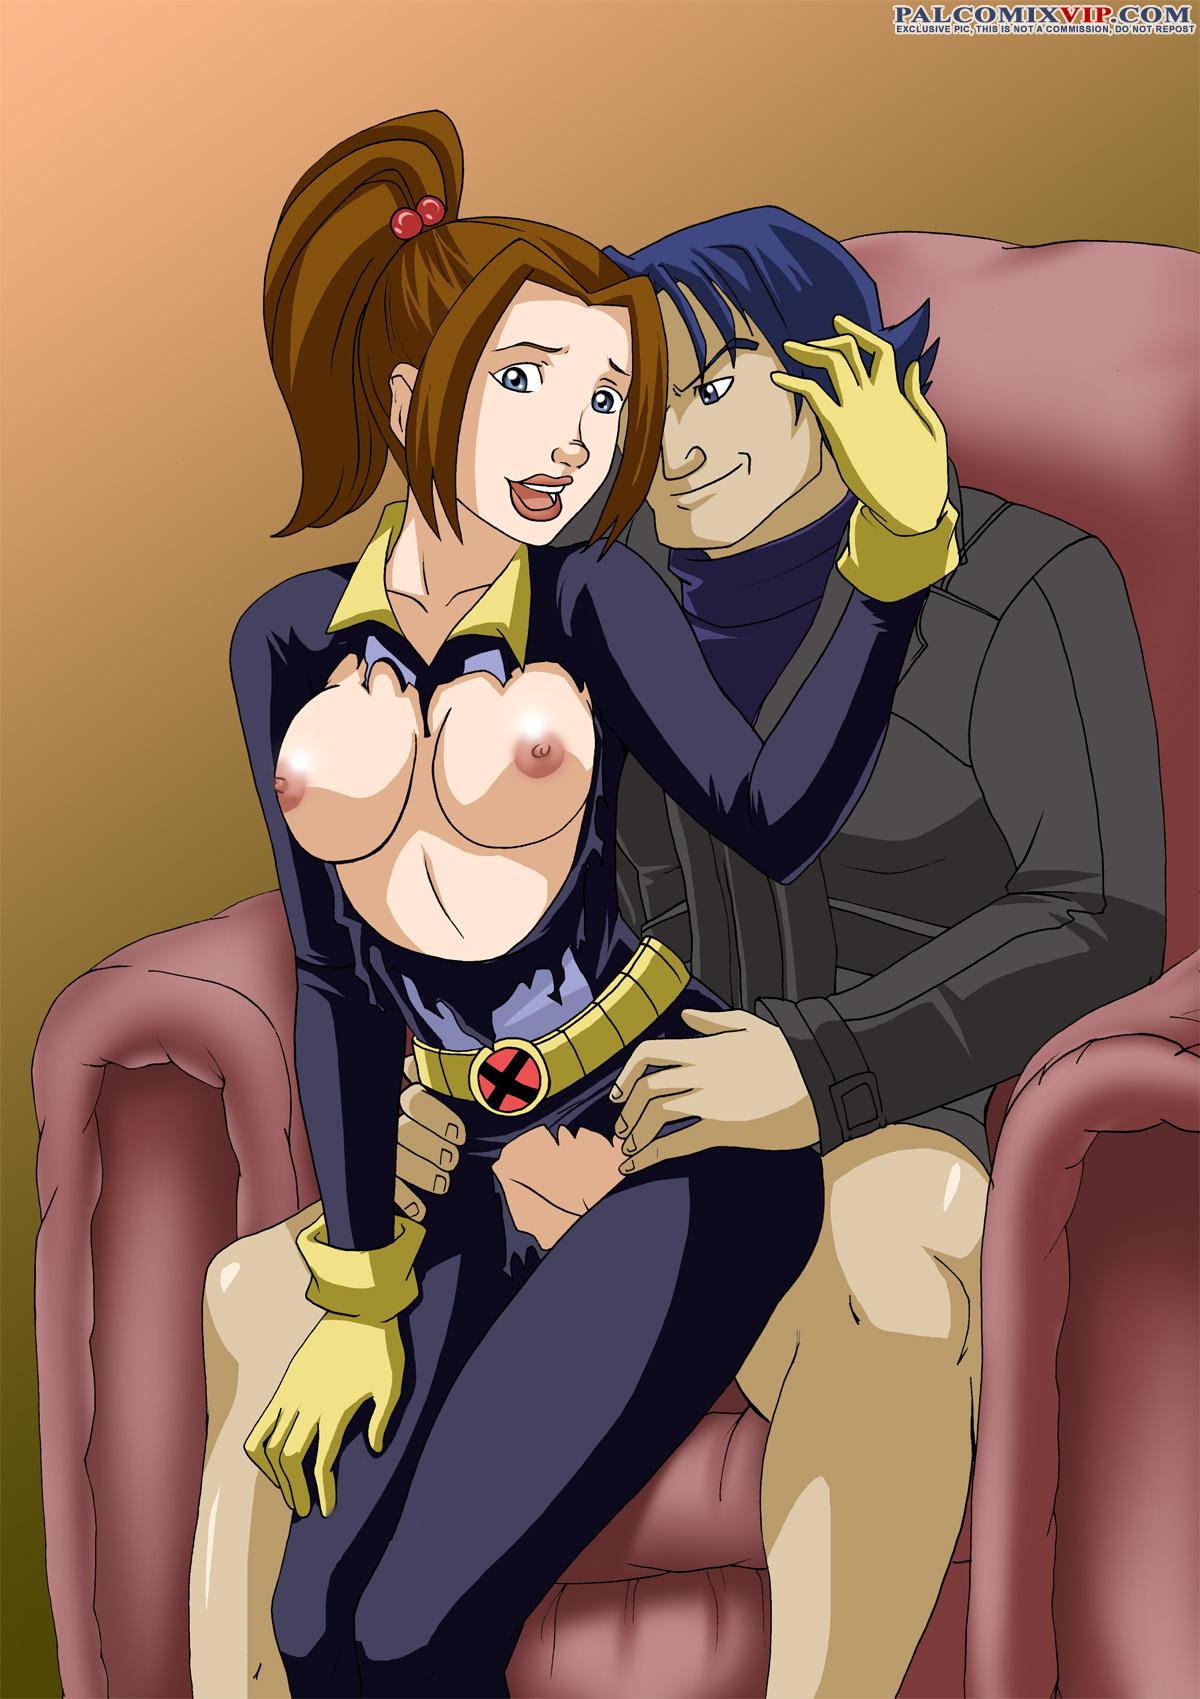 Anime x porn